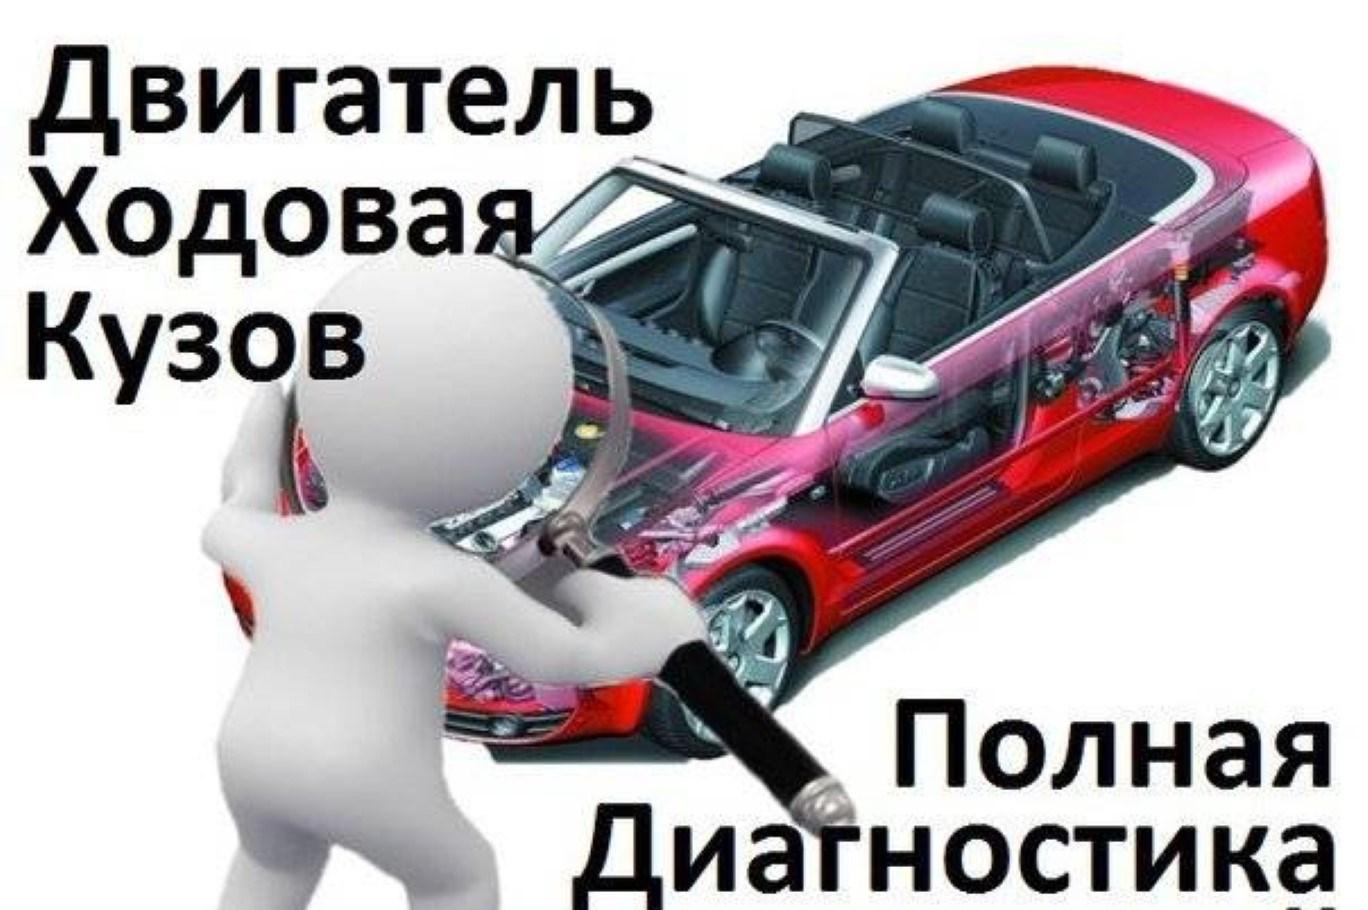 Если автомобиль отремонтировали как произвести экспертизу